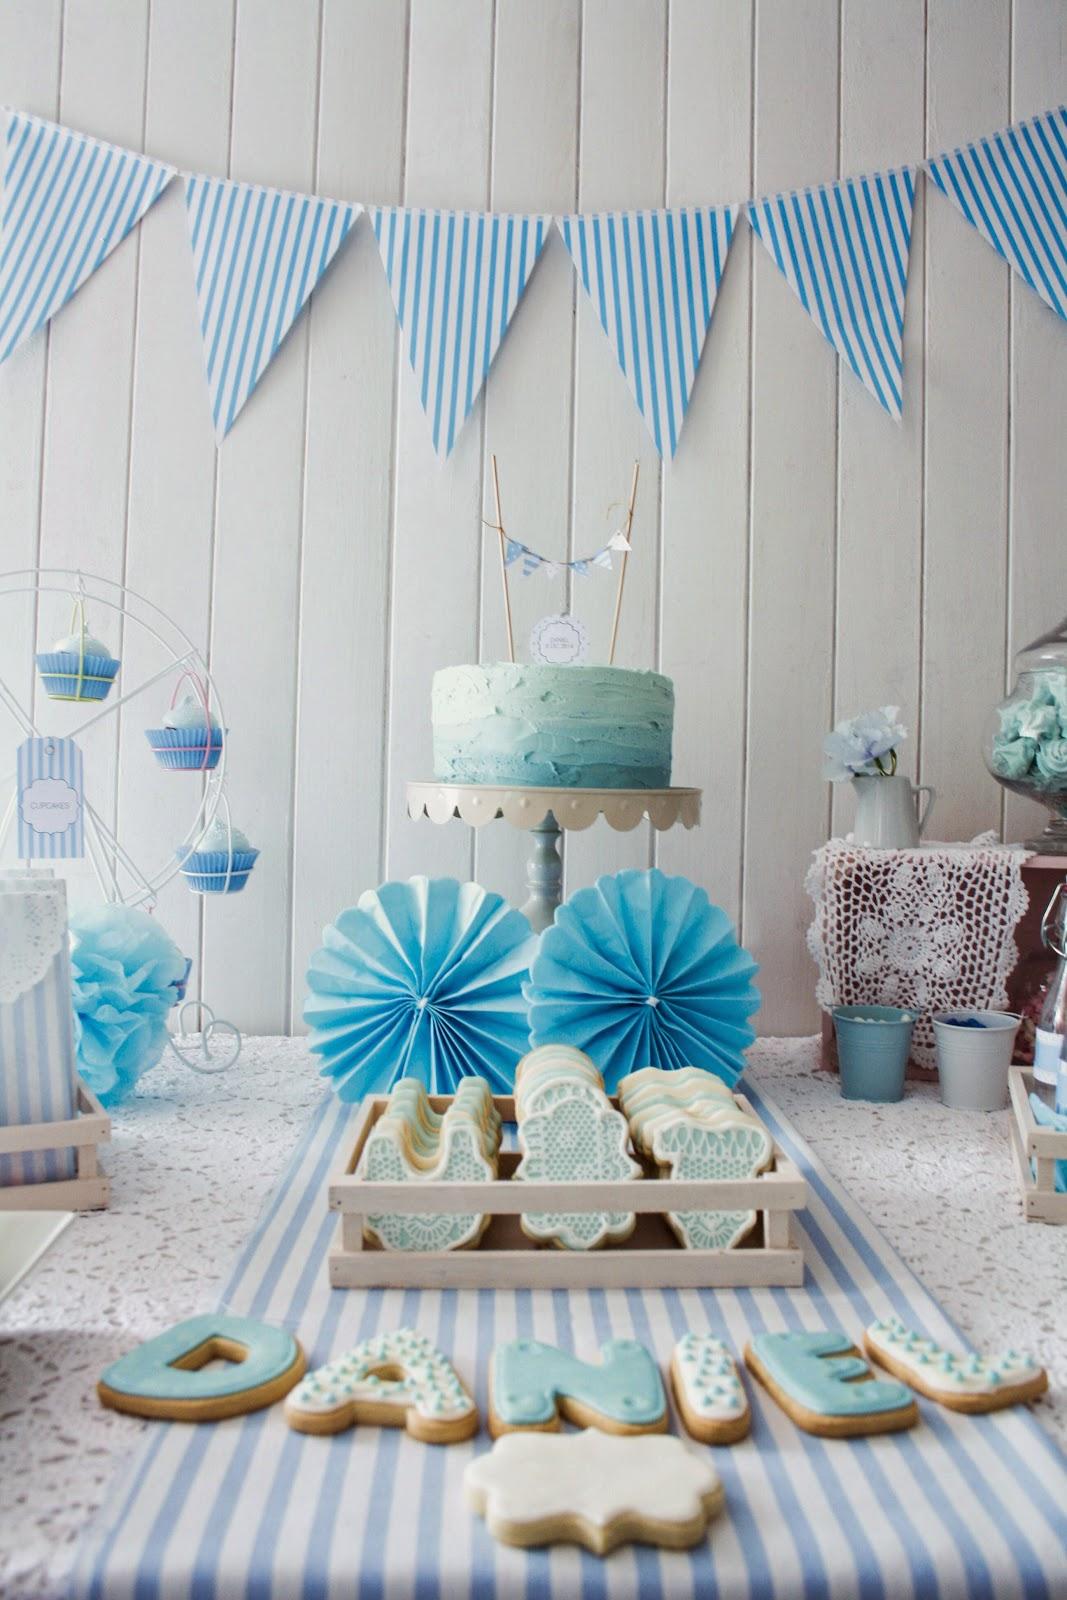 La dulceterapia mesa dulce para bautizo - Hacer mesa dulce bautizo ...